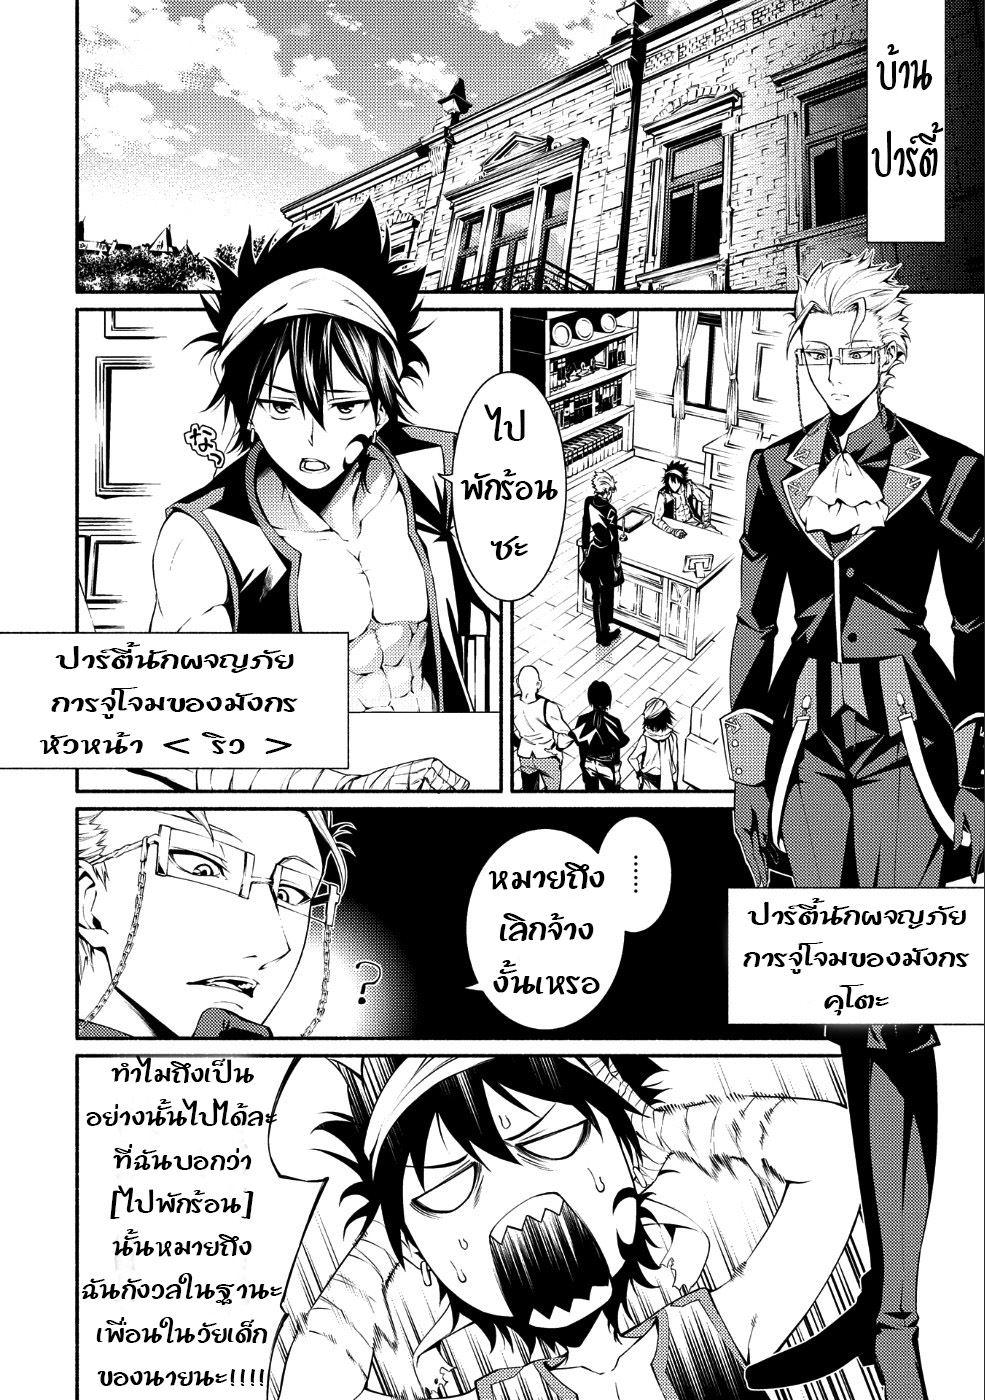 อ่านการ์ตูน Saikyou Party no Zatsuyougakari Ossan wa Muriyari Kyuuka o Tora Sareta you desu ตอนที่ 1 หน้าที่ 3